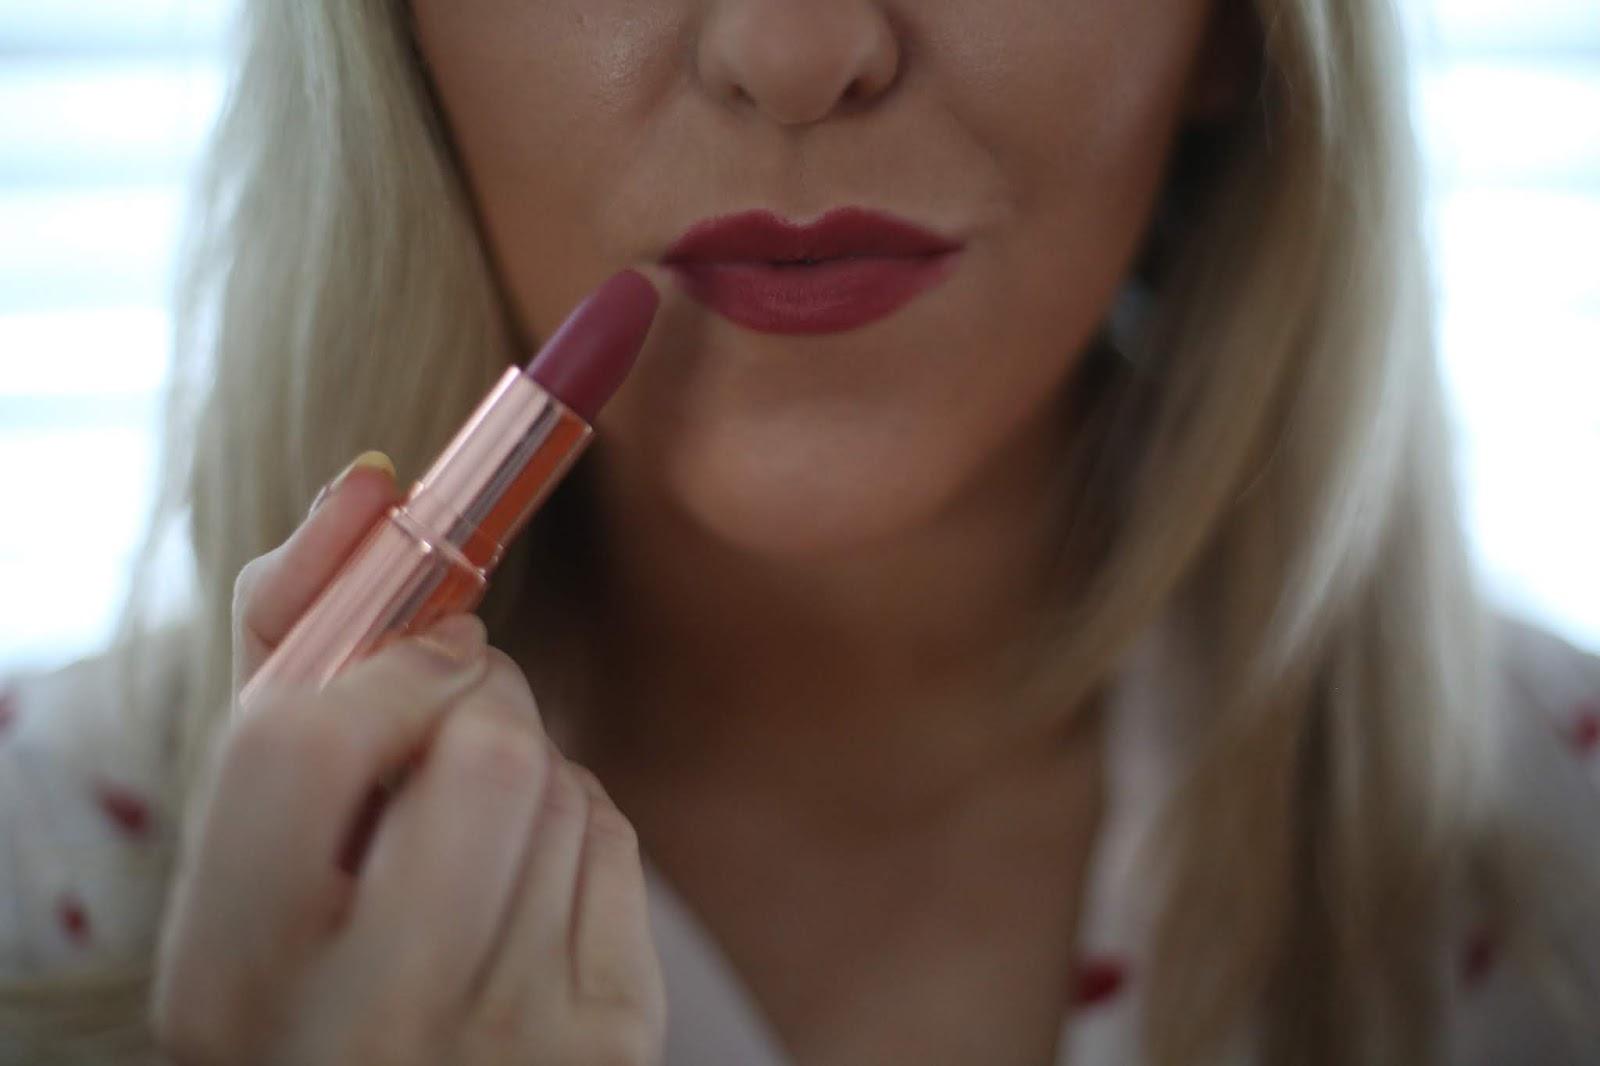 Charlotte Tilbury Matte Revolution Lipstick in Super Sexy swatch